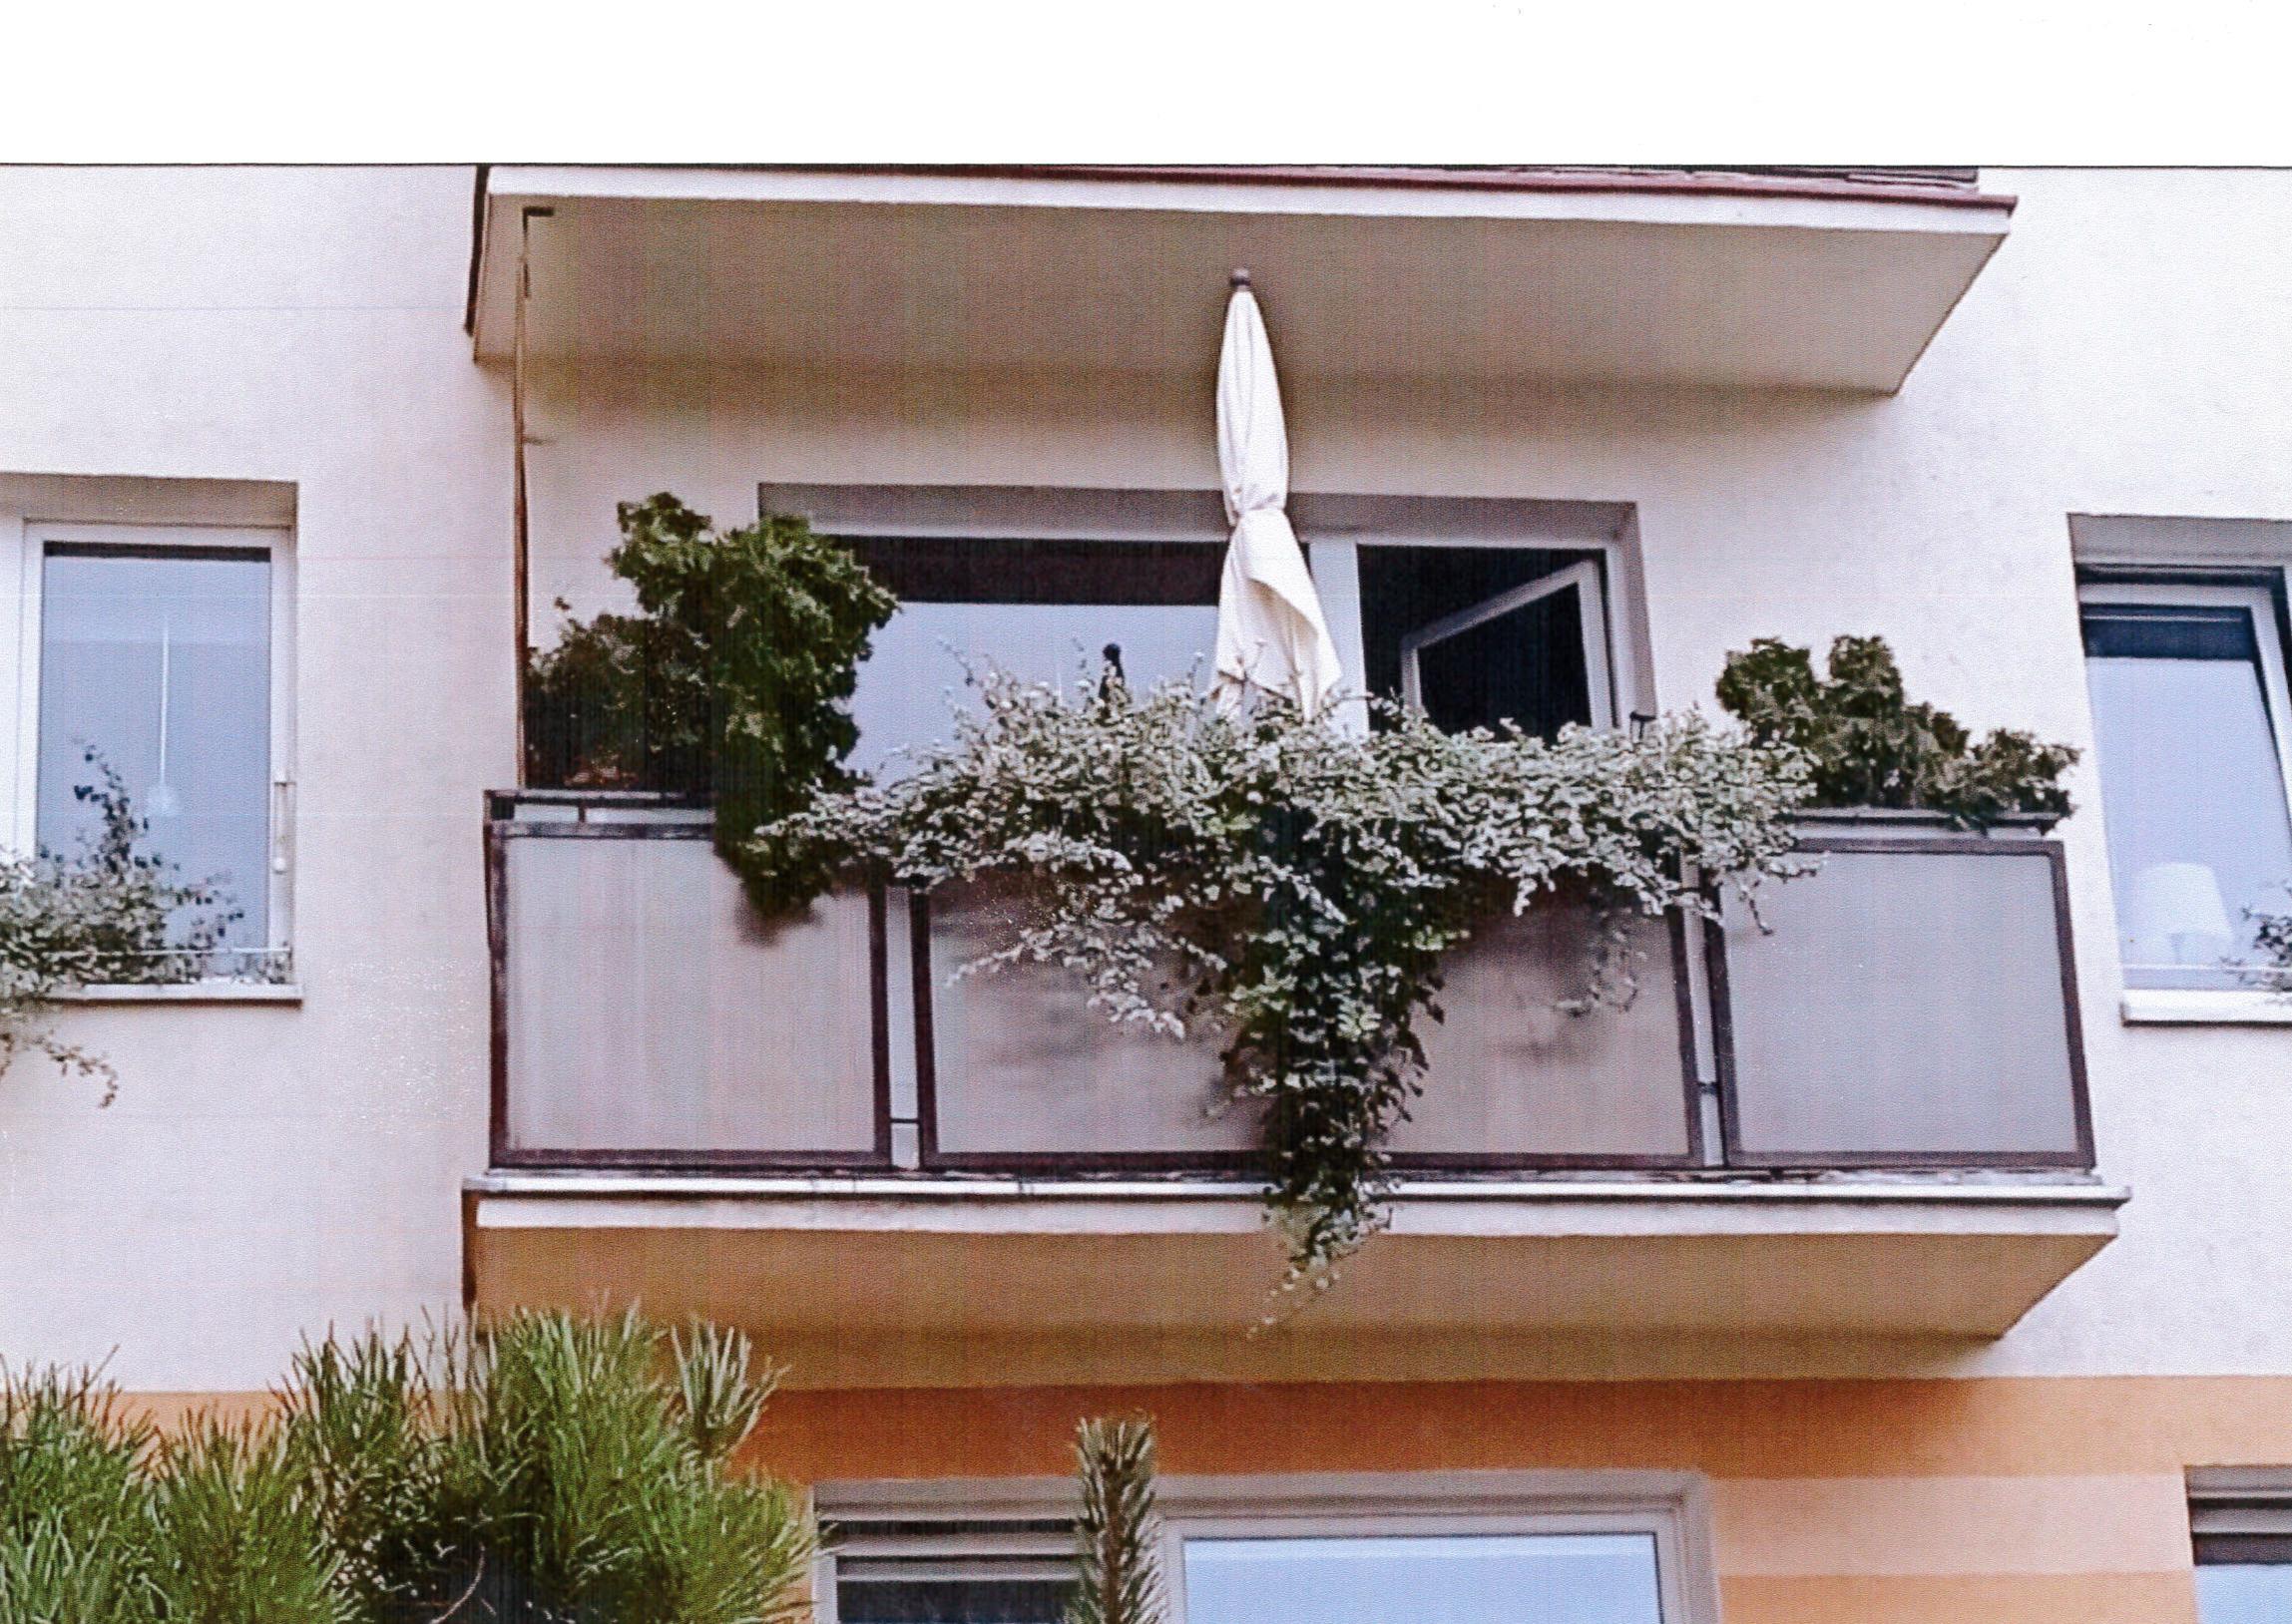 Aranżacja balkonu autorstwa Stanisława Antczaka z przewagą rdestu Auberta i traw